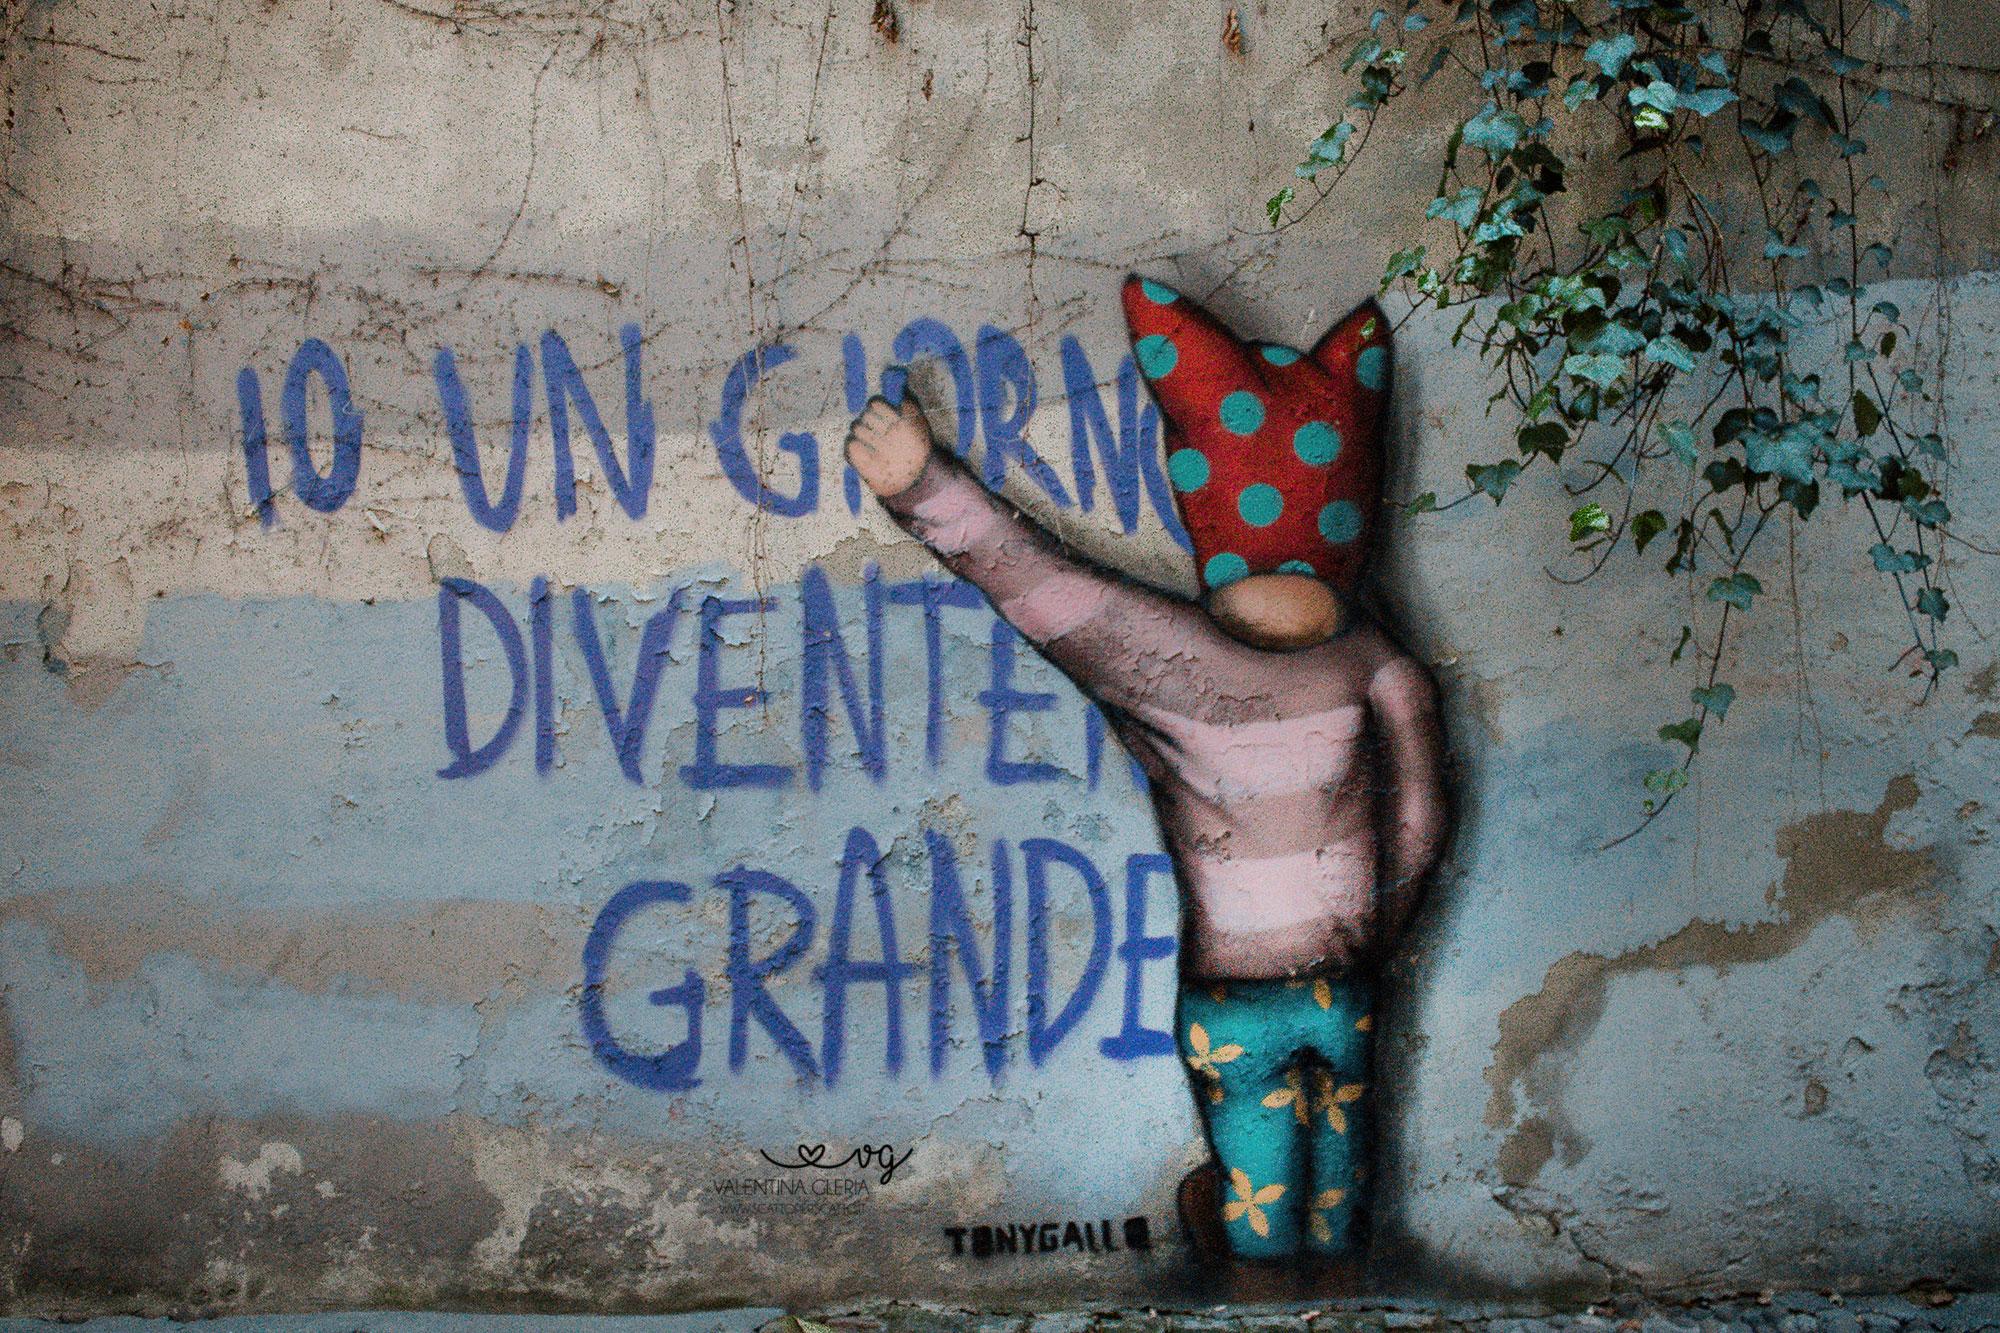 Street Art Padova centro: Tony Gallo